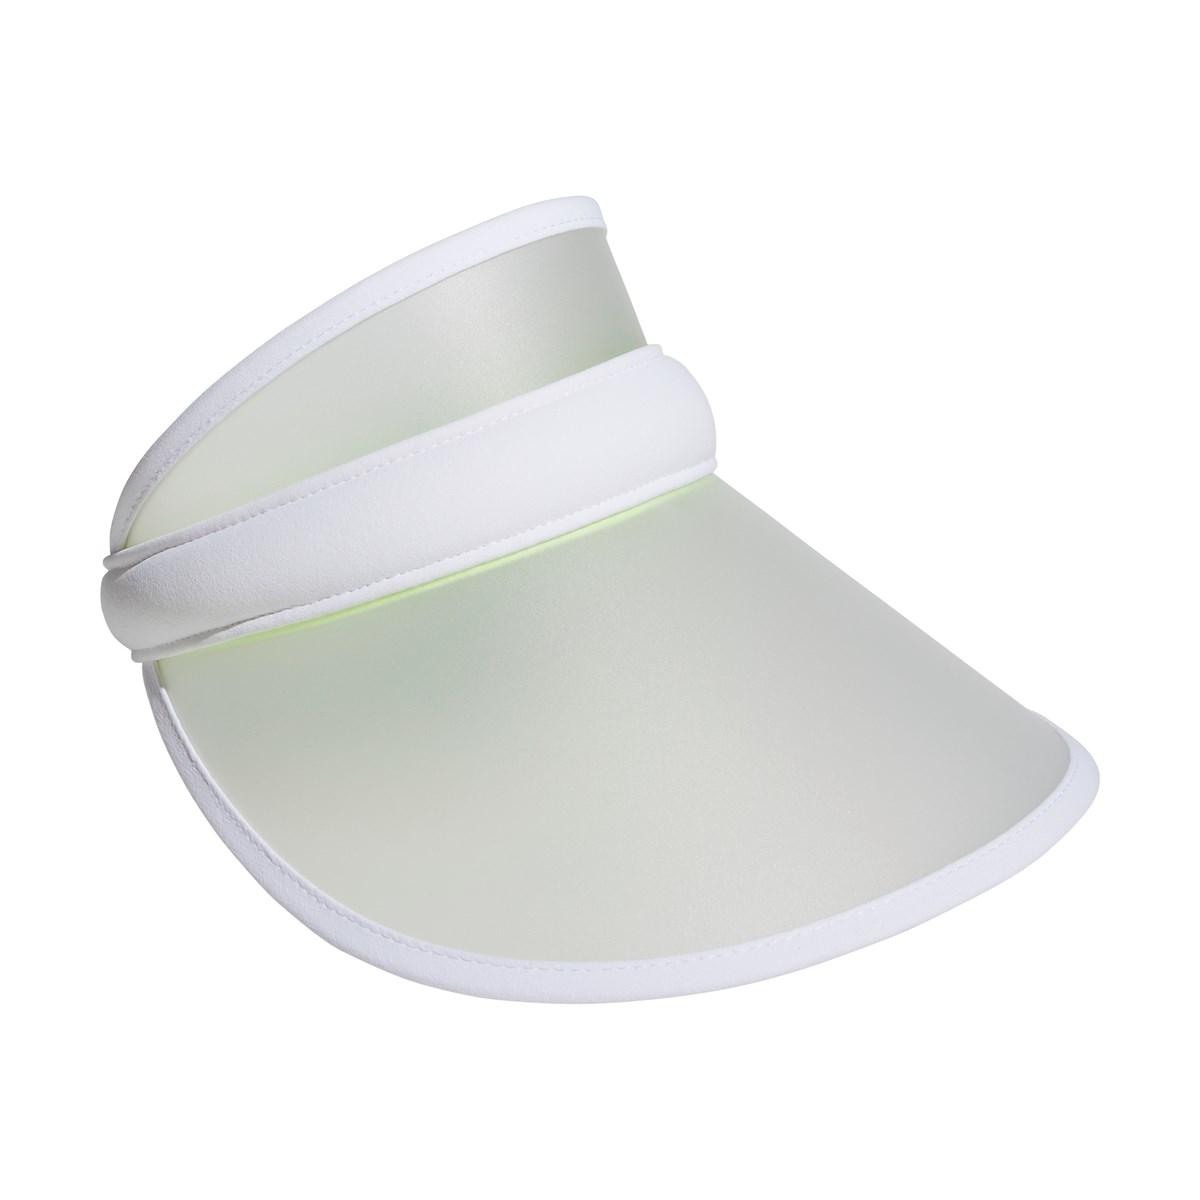 アディダス Adidas UVクリップサンバイザー フリー ホワイト/シルバーメタリック レディス